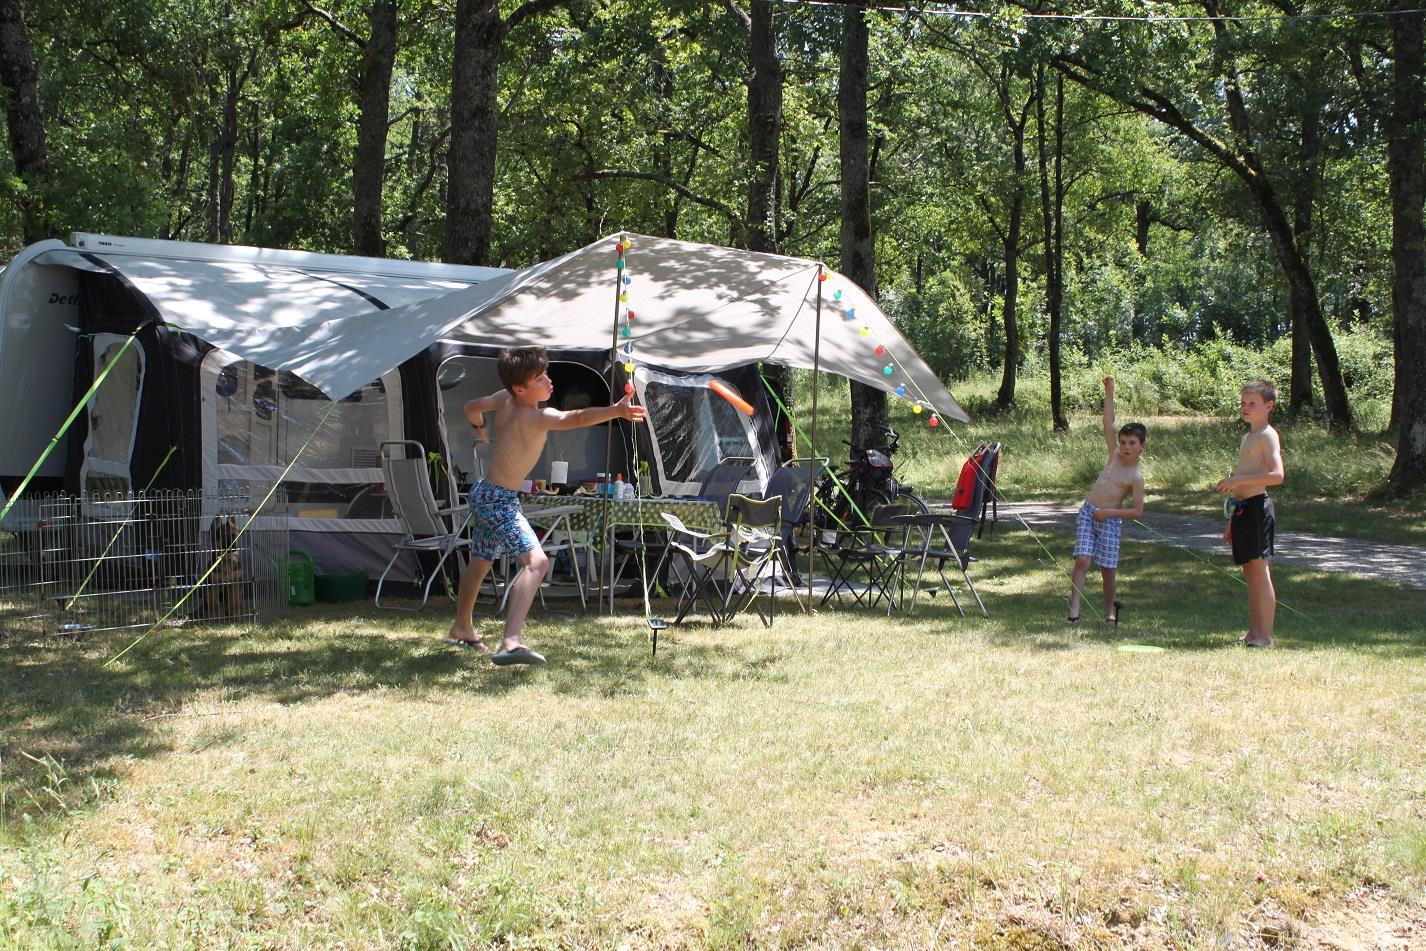 Emplacement - Emplacement Classique: Tente/Caravane/Camping-Car - - Camping Domaine Lacs de Gascogne